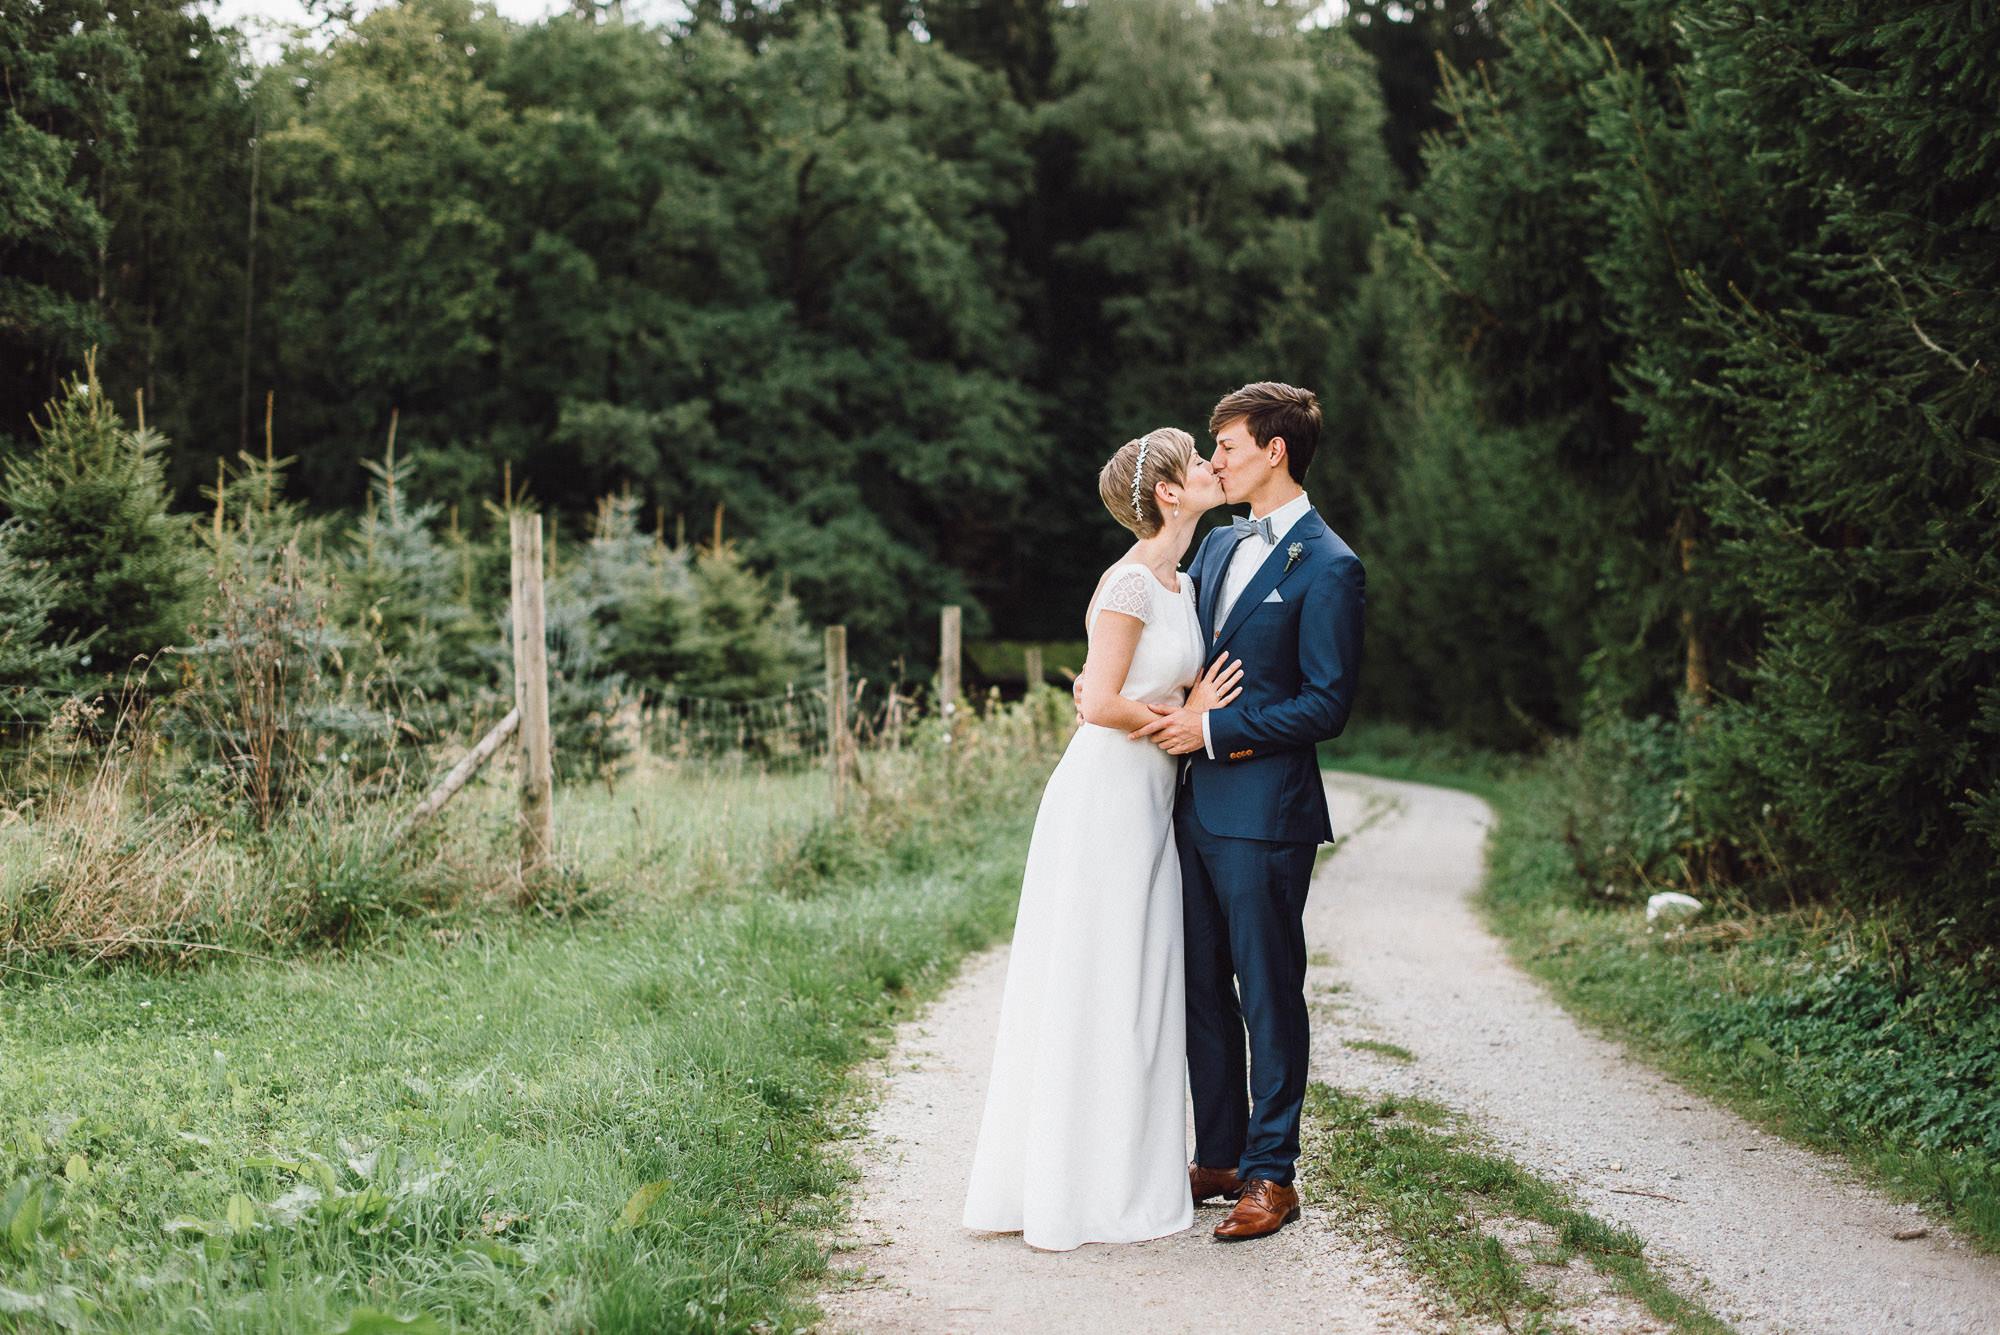 greenery-wedding-hochzeit-prielhof-sukkulenten-scheyern-lauraelenaphotography-030